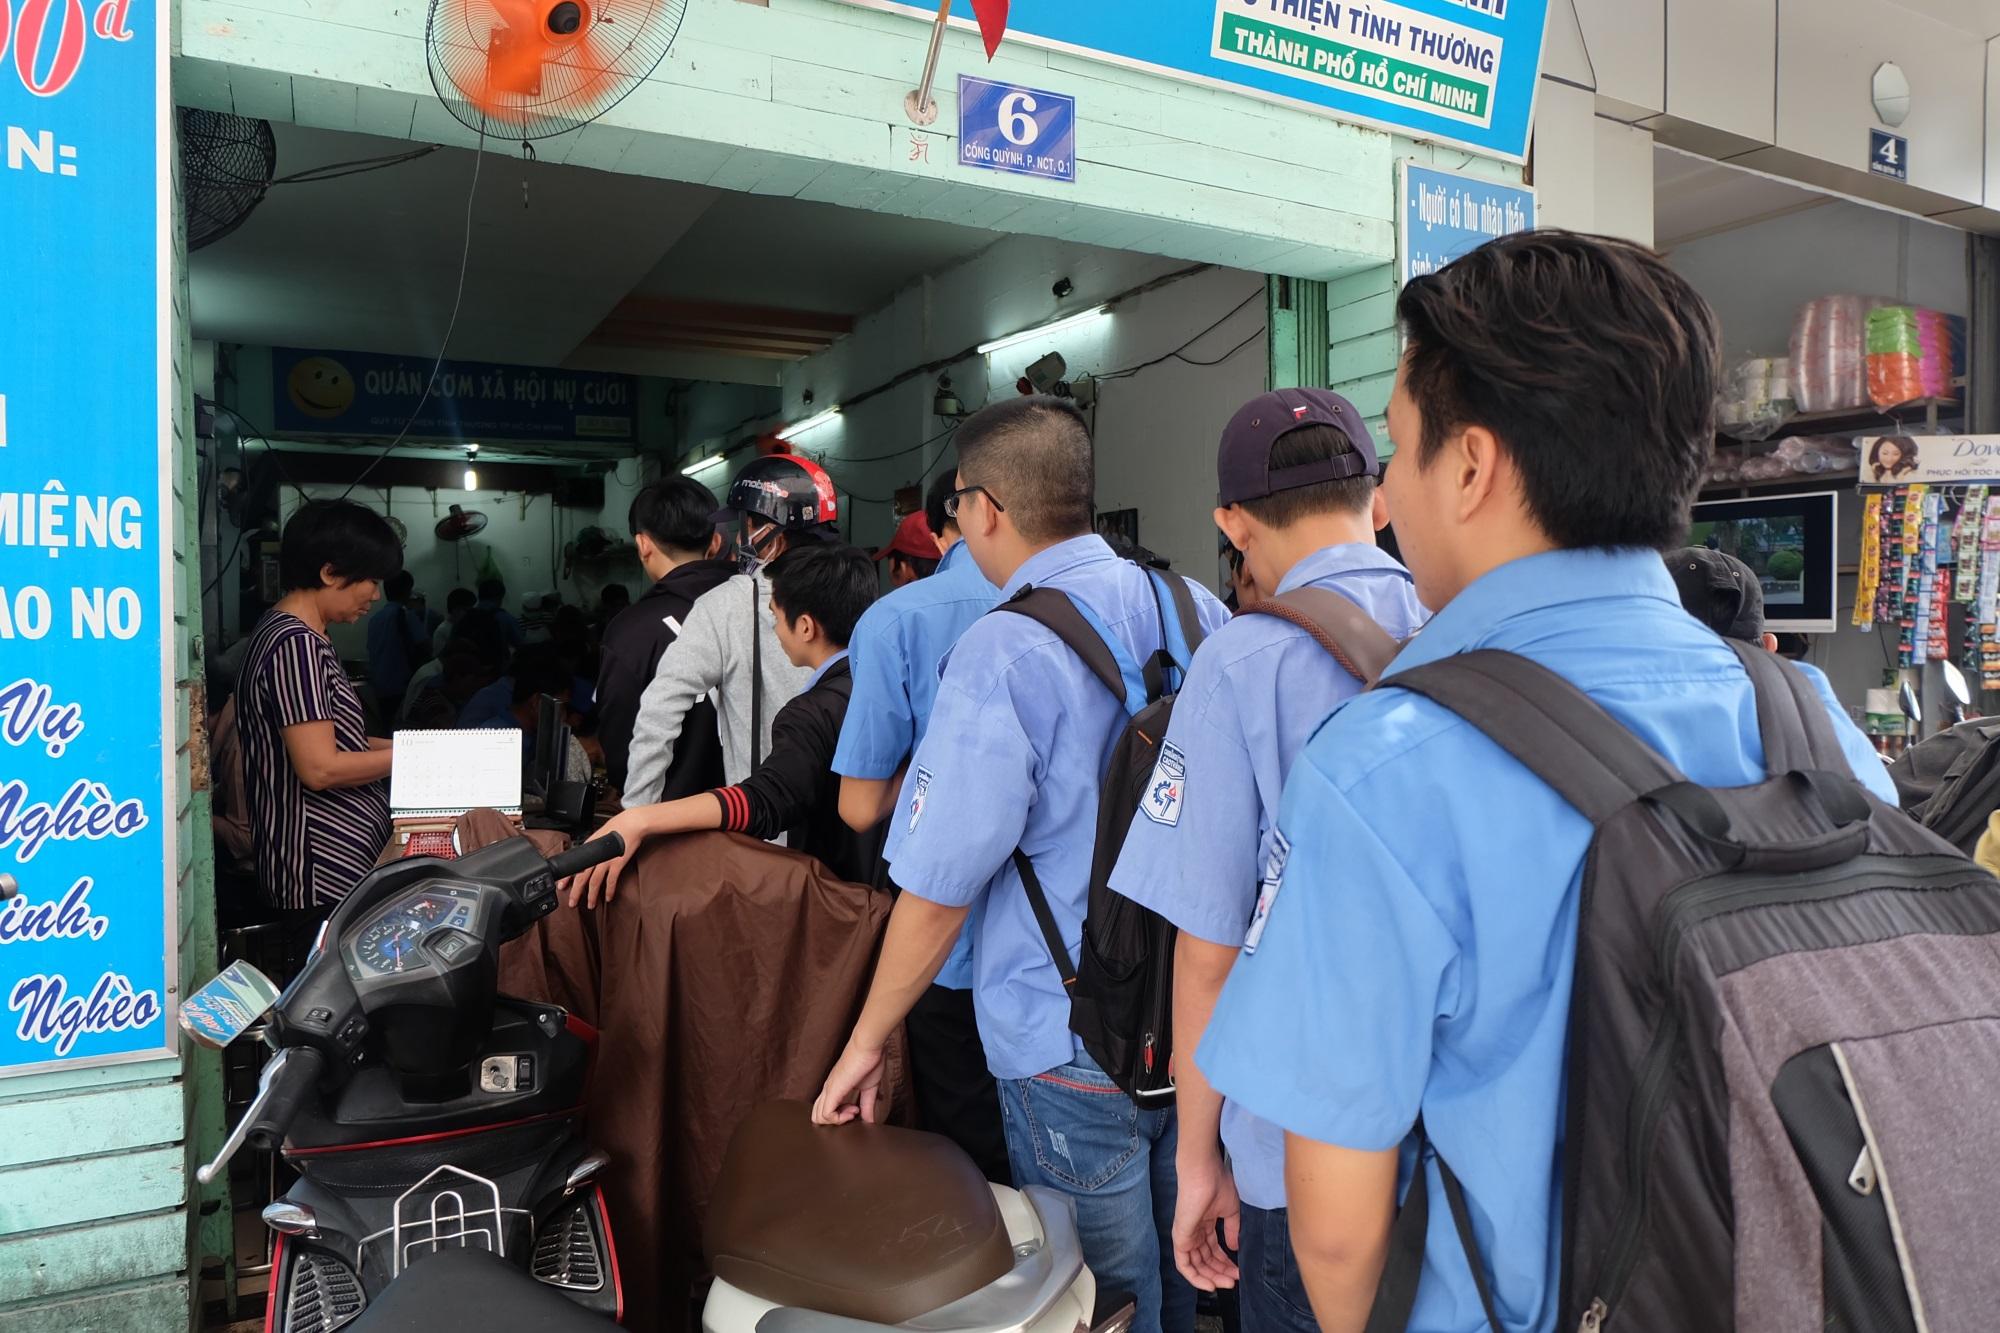 Chủ nhiệm quán cơm 2.000 đồng ở Sài Gòn: 'Sinh viên bất kể giàu nghèo đều được chào đón tại quán của chúng tôi' - Ảnh 4